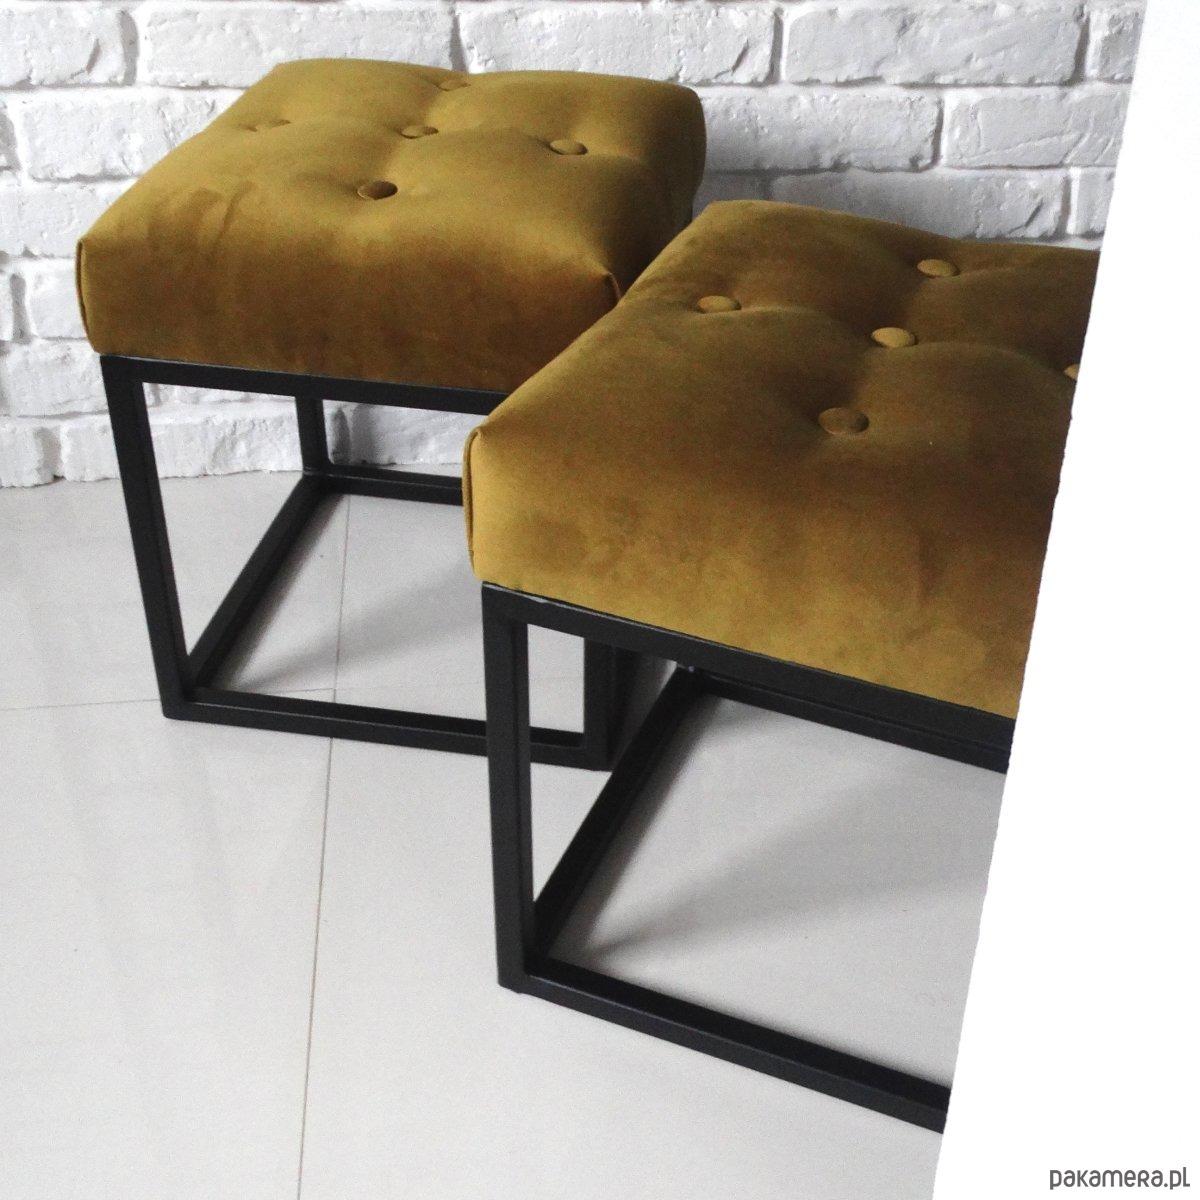 Taboret mini ławka krzesło do przedpokoju Galeria zdjęć i